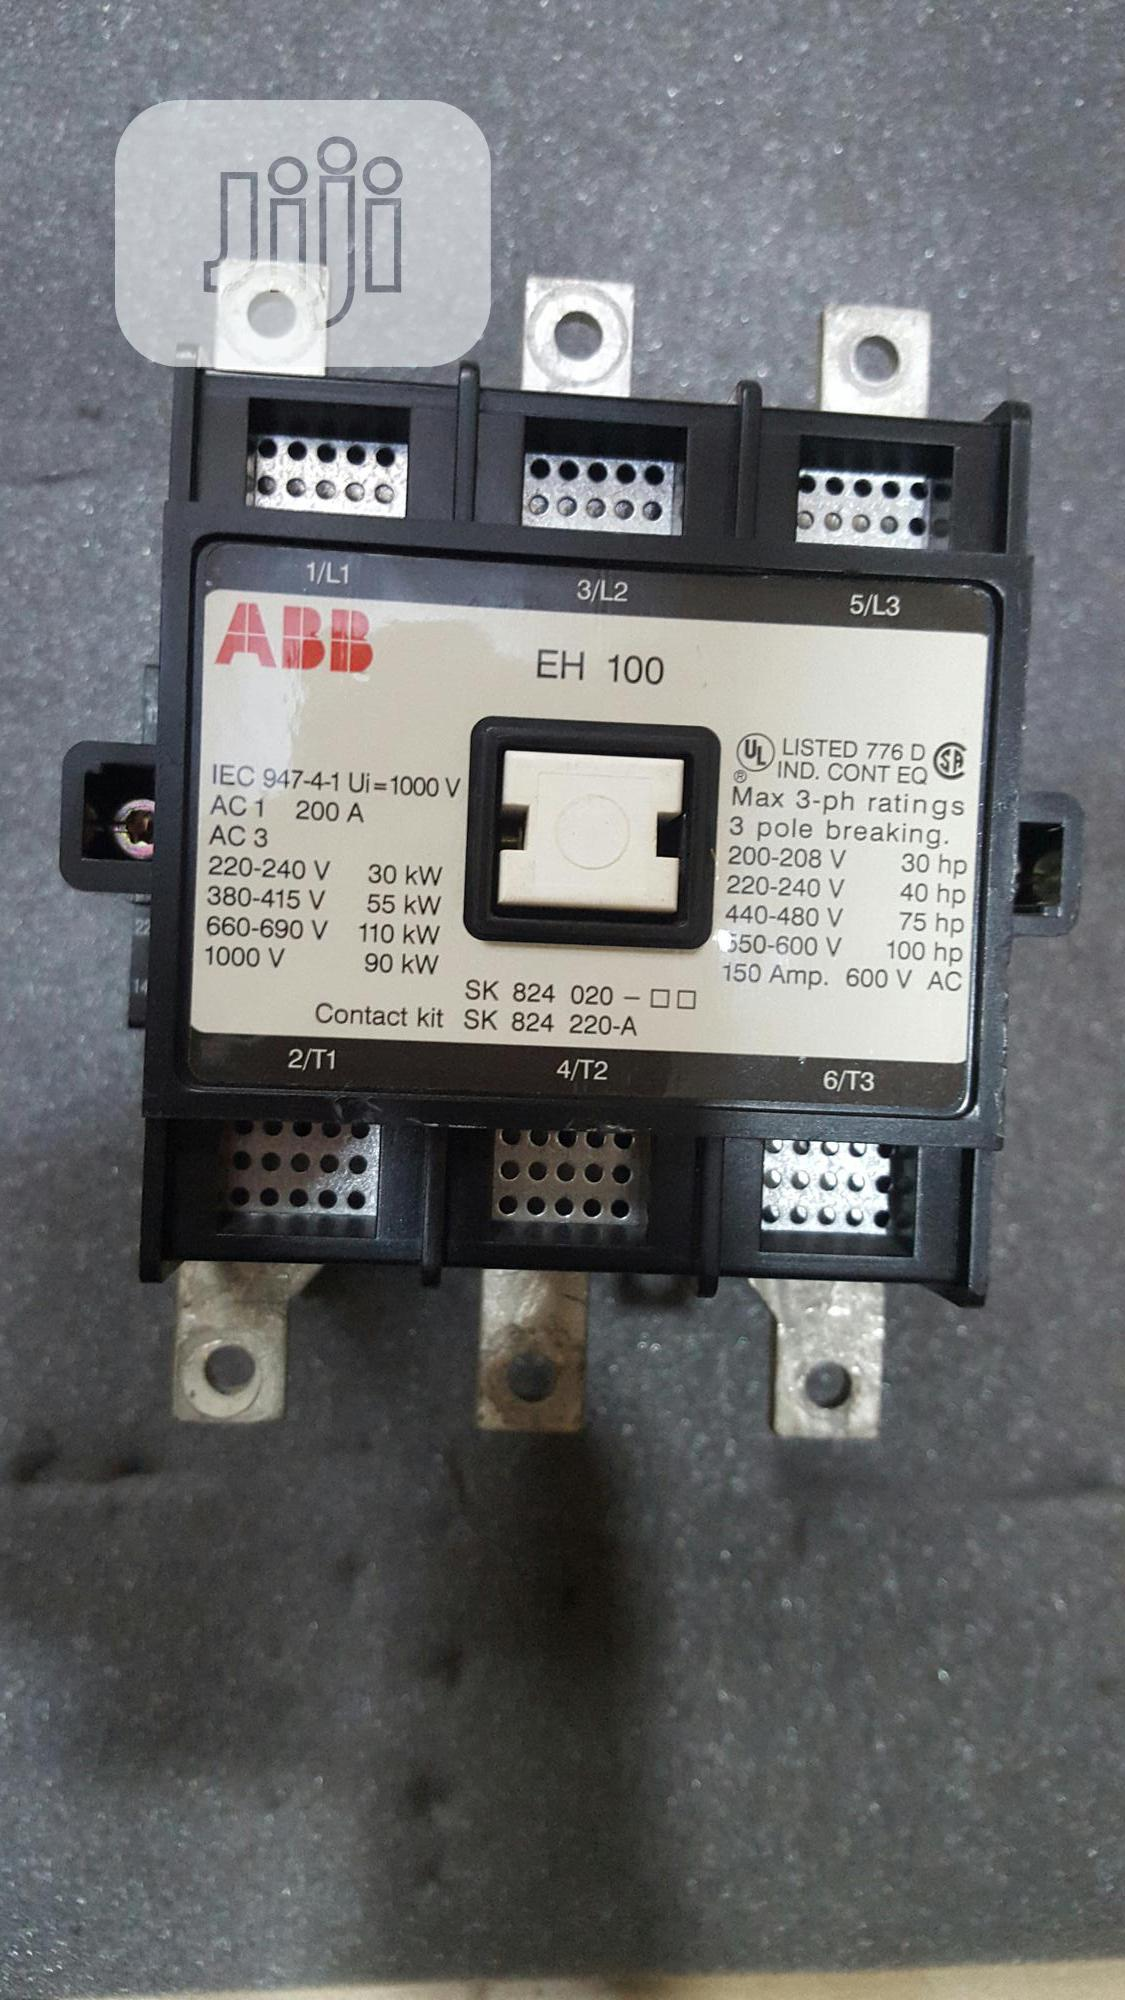 Eh 100 Abb Contactor 200amps 3poles.